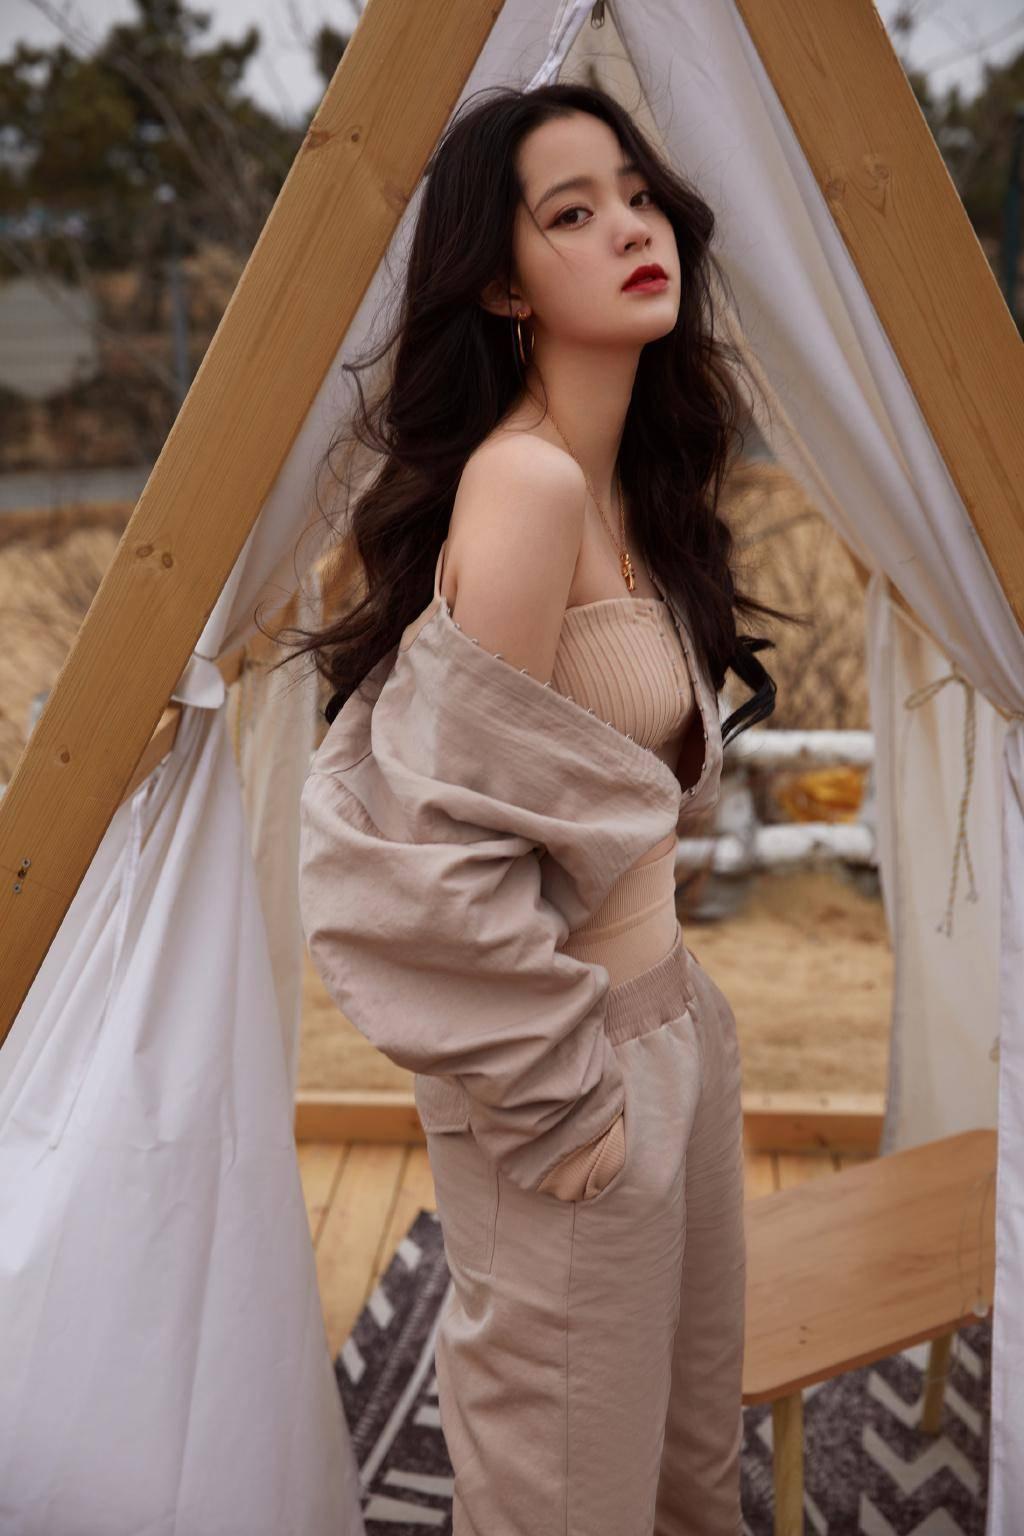 原欧阳娜娜新照片尽量性感,穿着随便,秀香肩,裸色色调温柔